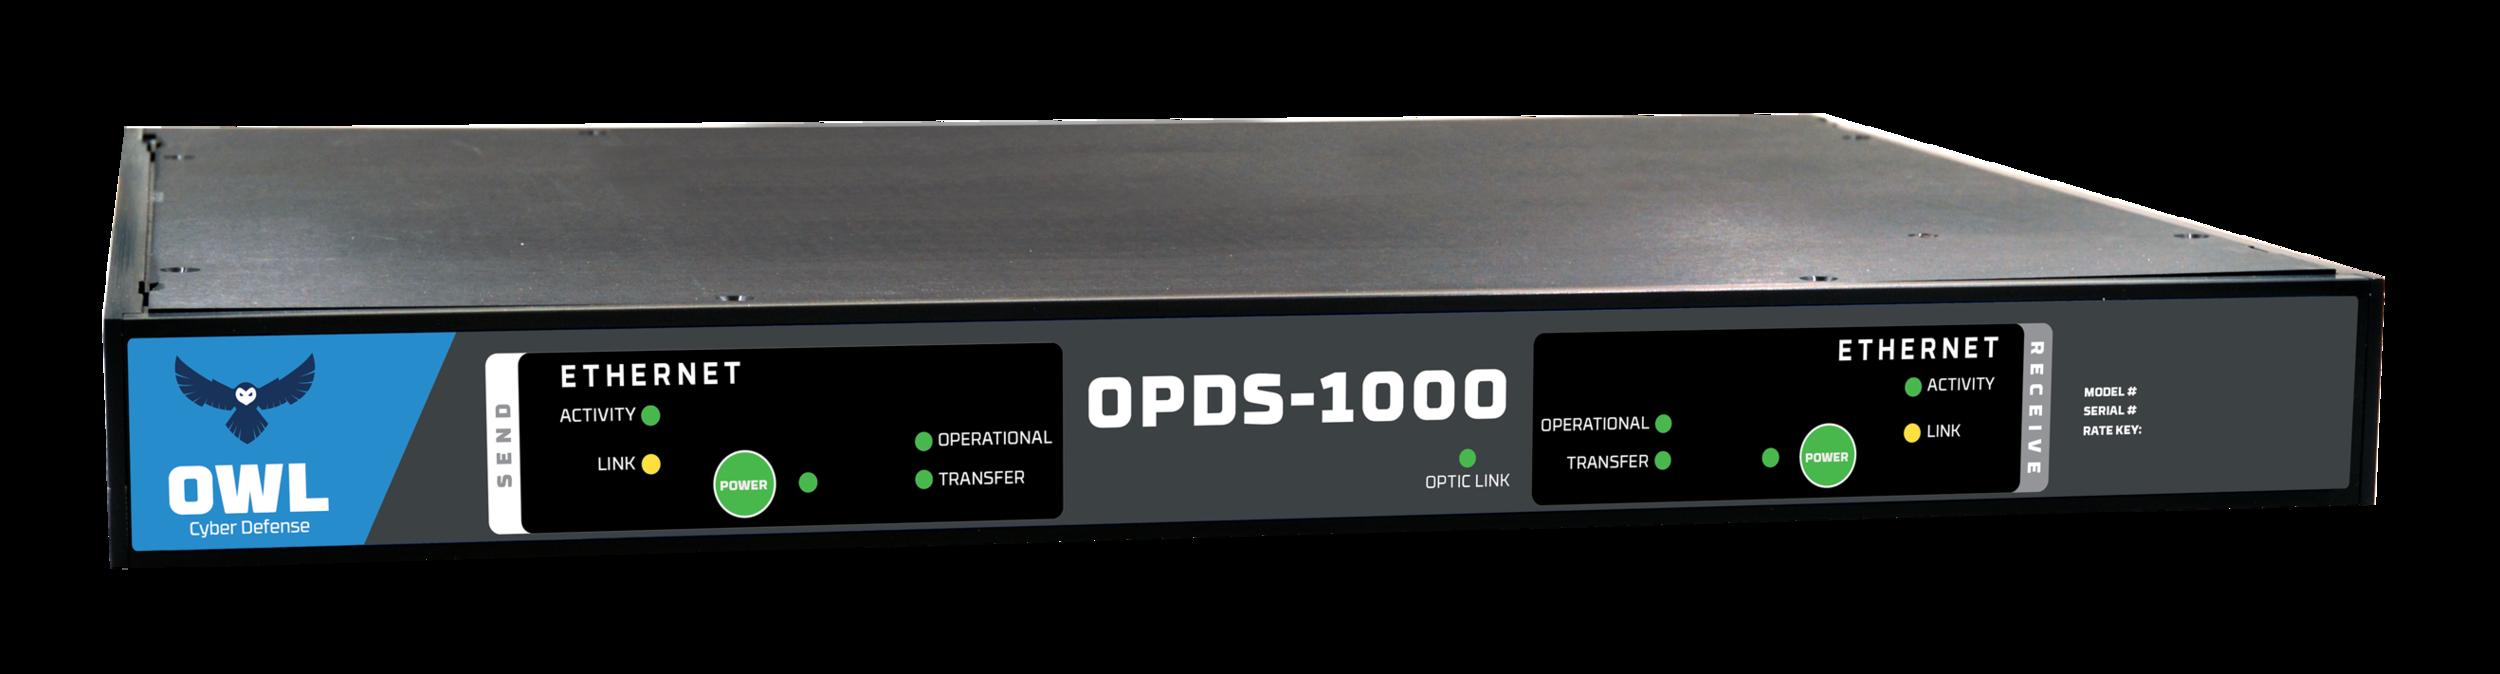 OPDS-1000.png